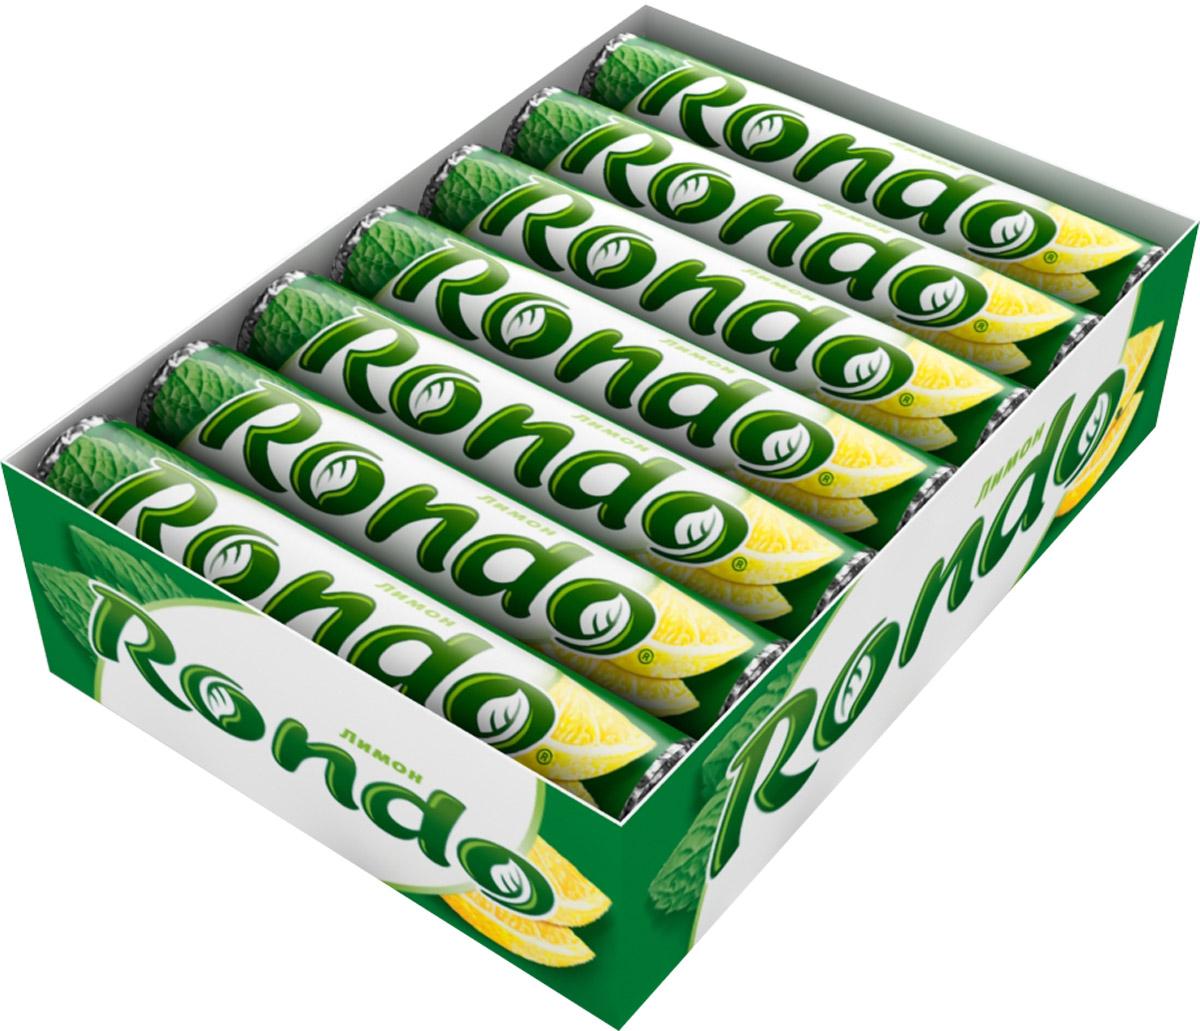 Rondo Лимон освежающие конфеты, 14 пачек по 30 г0120710Освежающие конфеты Rondo с ароматом лимона и мяты освежают дыхание и делают день слаще! Уникальный продукт, созданный в 1996 году специально для российских потребителей, по-прежнему остается одним из любимых оружий против несвежего дыхания. Свежее дыхание облегчает понимание!Уважаемые клиенты! Обращаем ваше внимание, что полный перечень состава продукта представлен на дополнительном изображении.